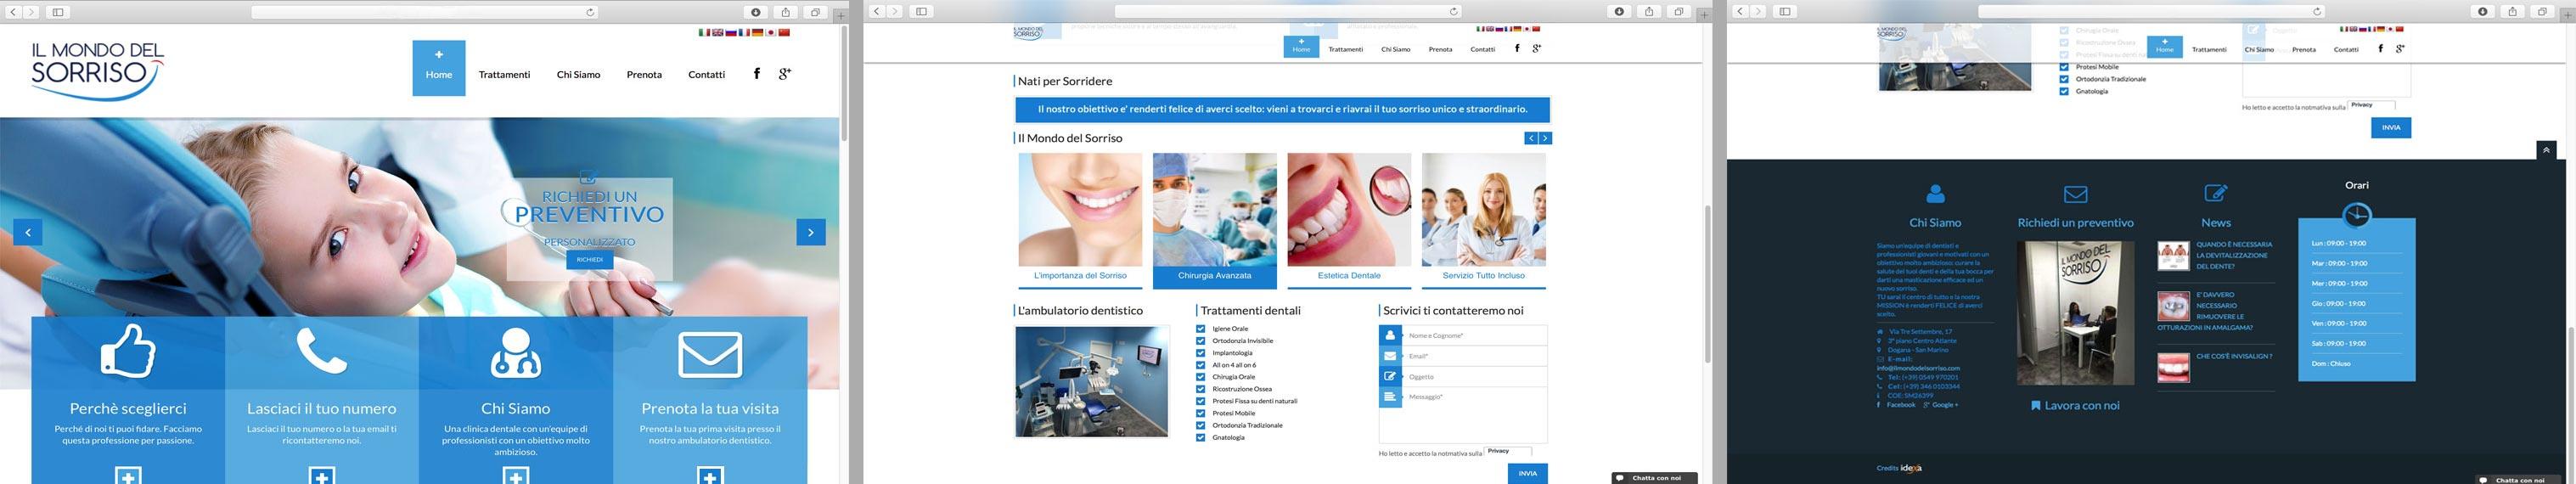 realizzazione siti internet Rimini San Marino